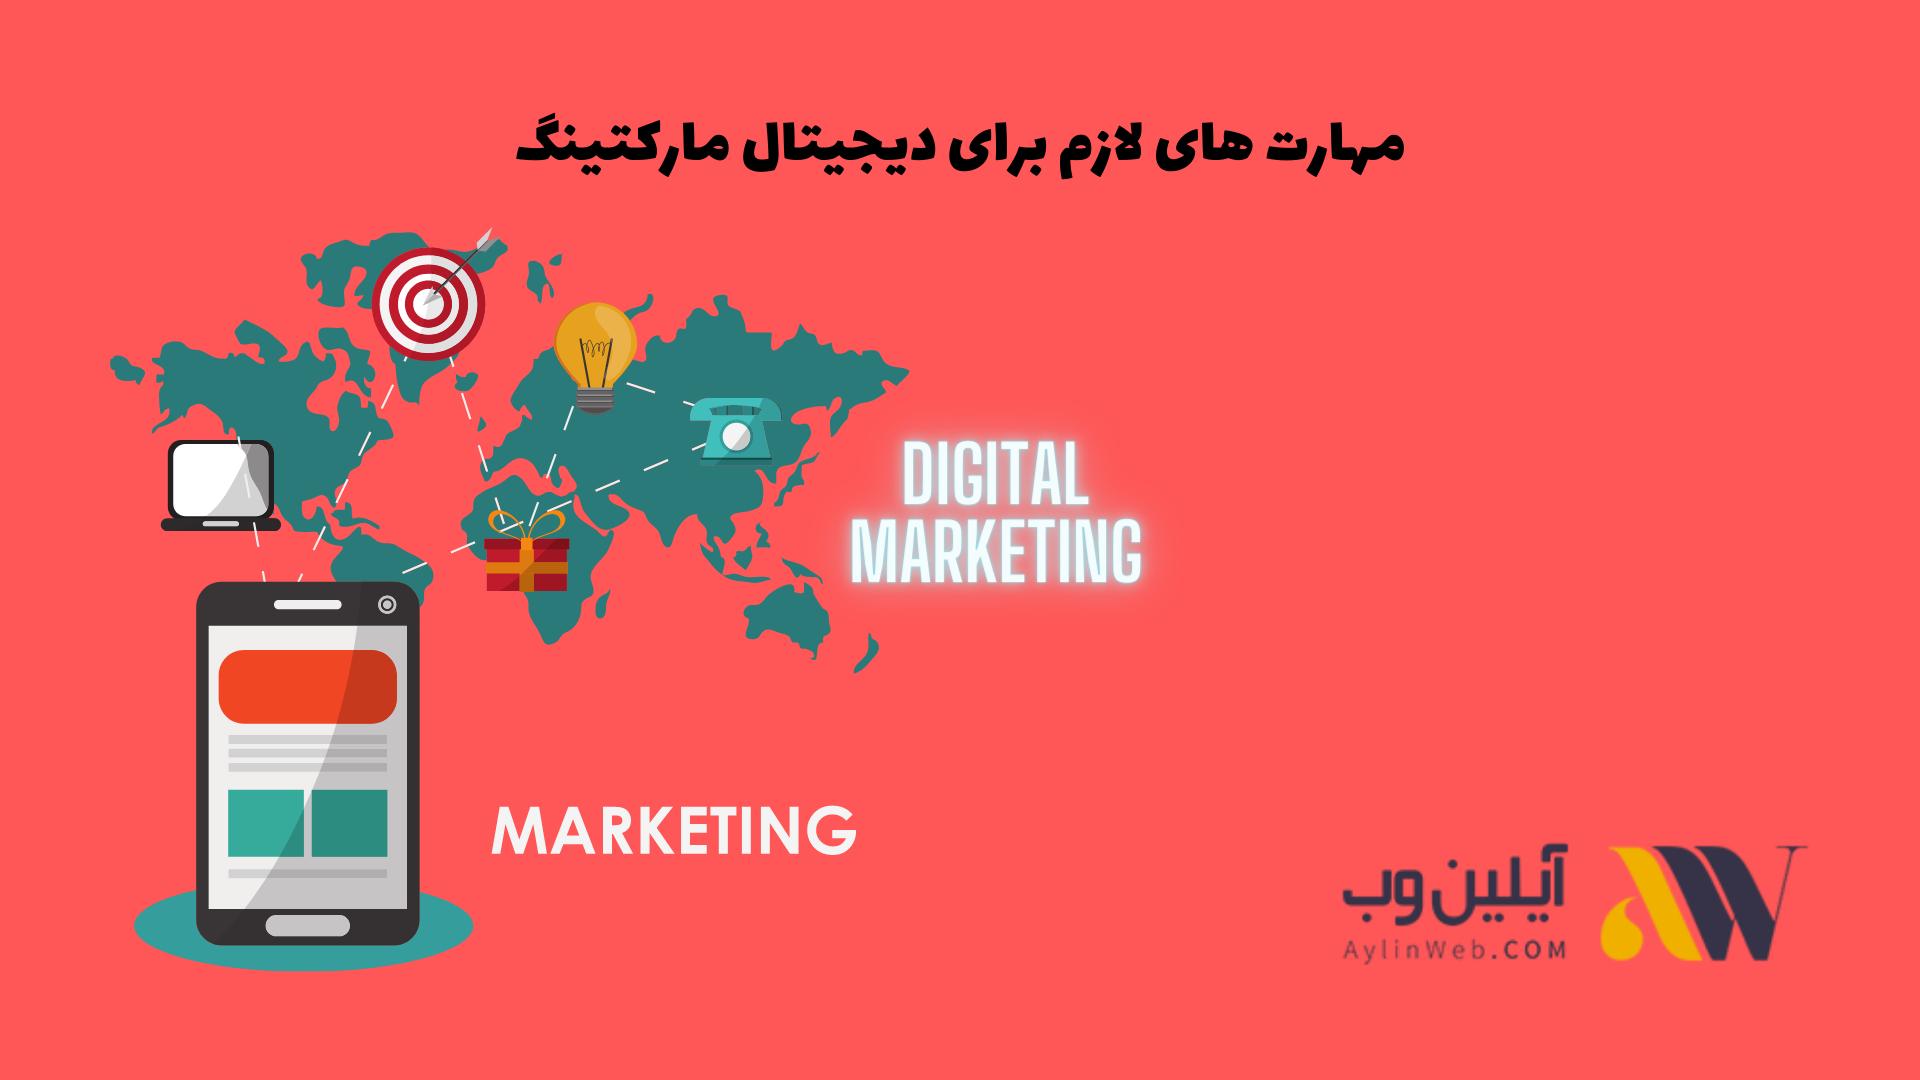 مهارت های لازم برای دیجیتال مارکتینگ